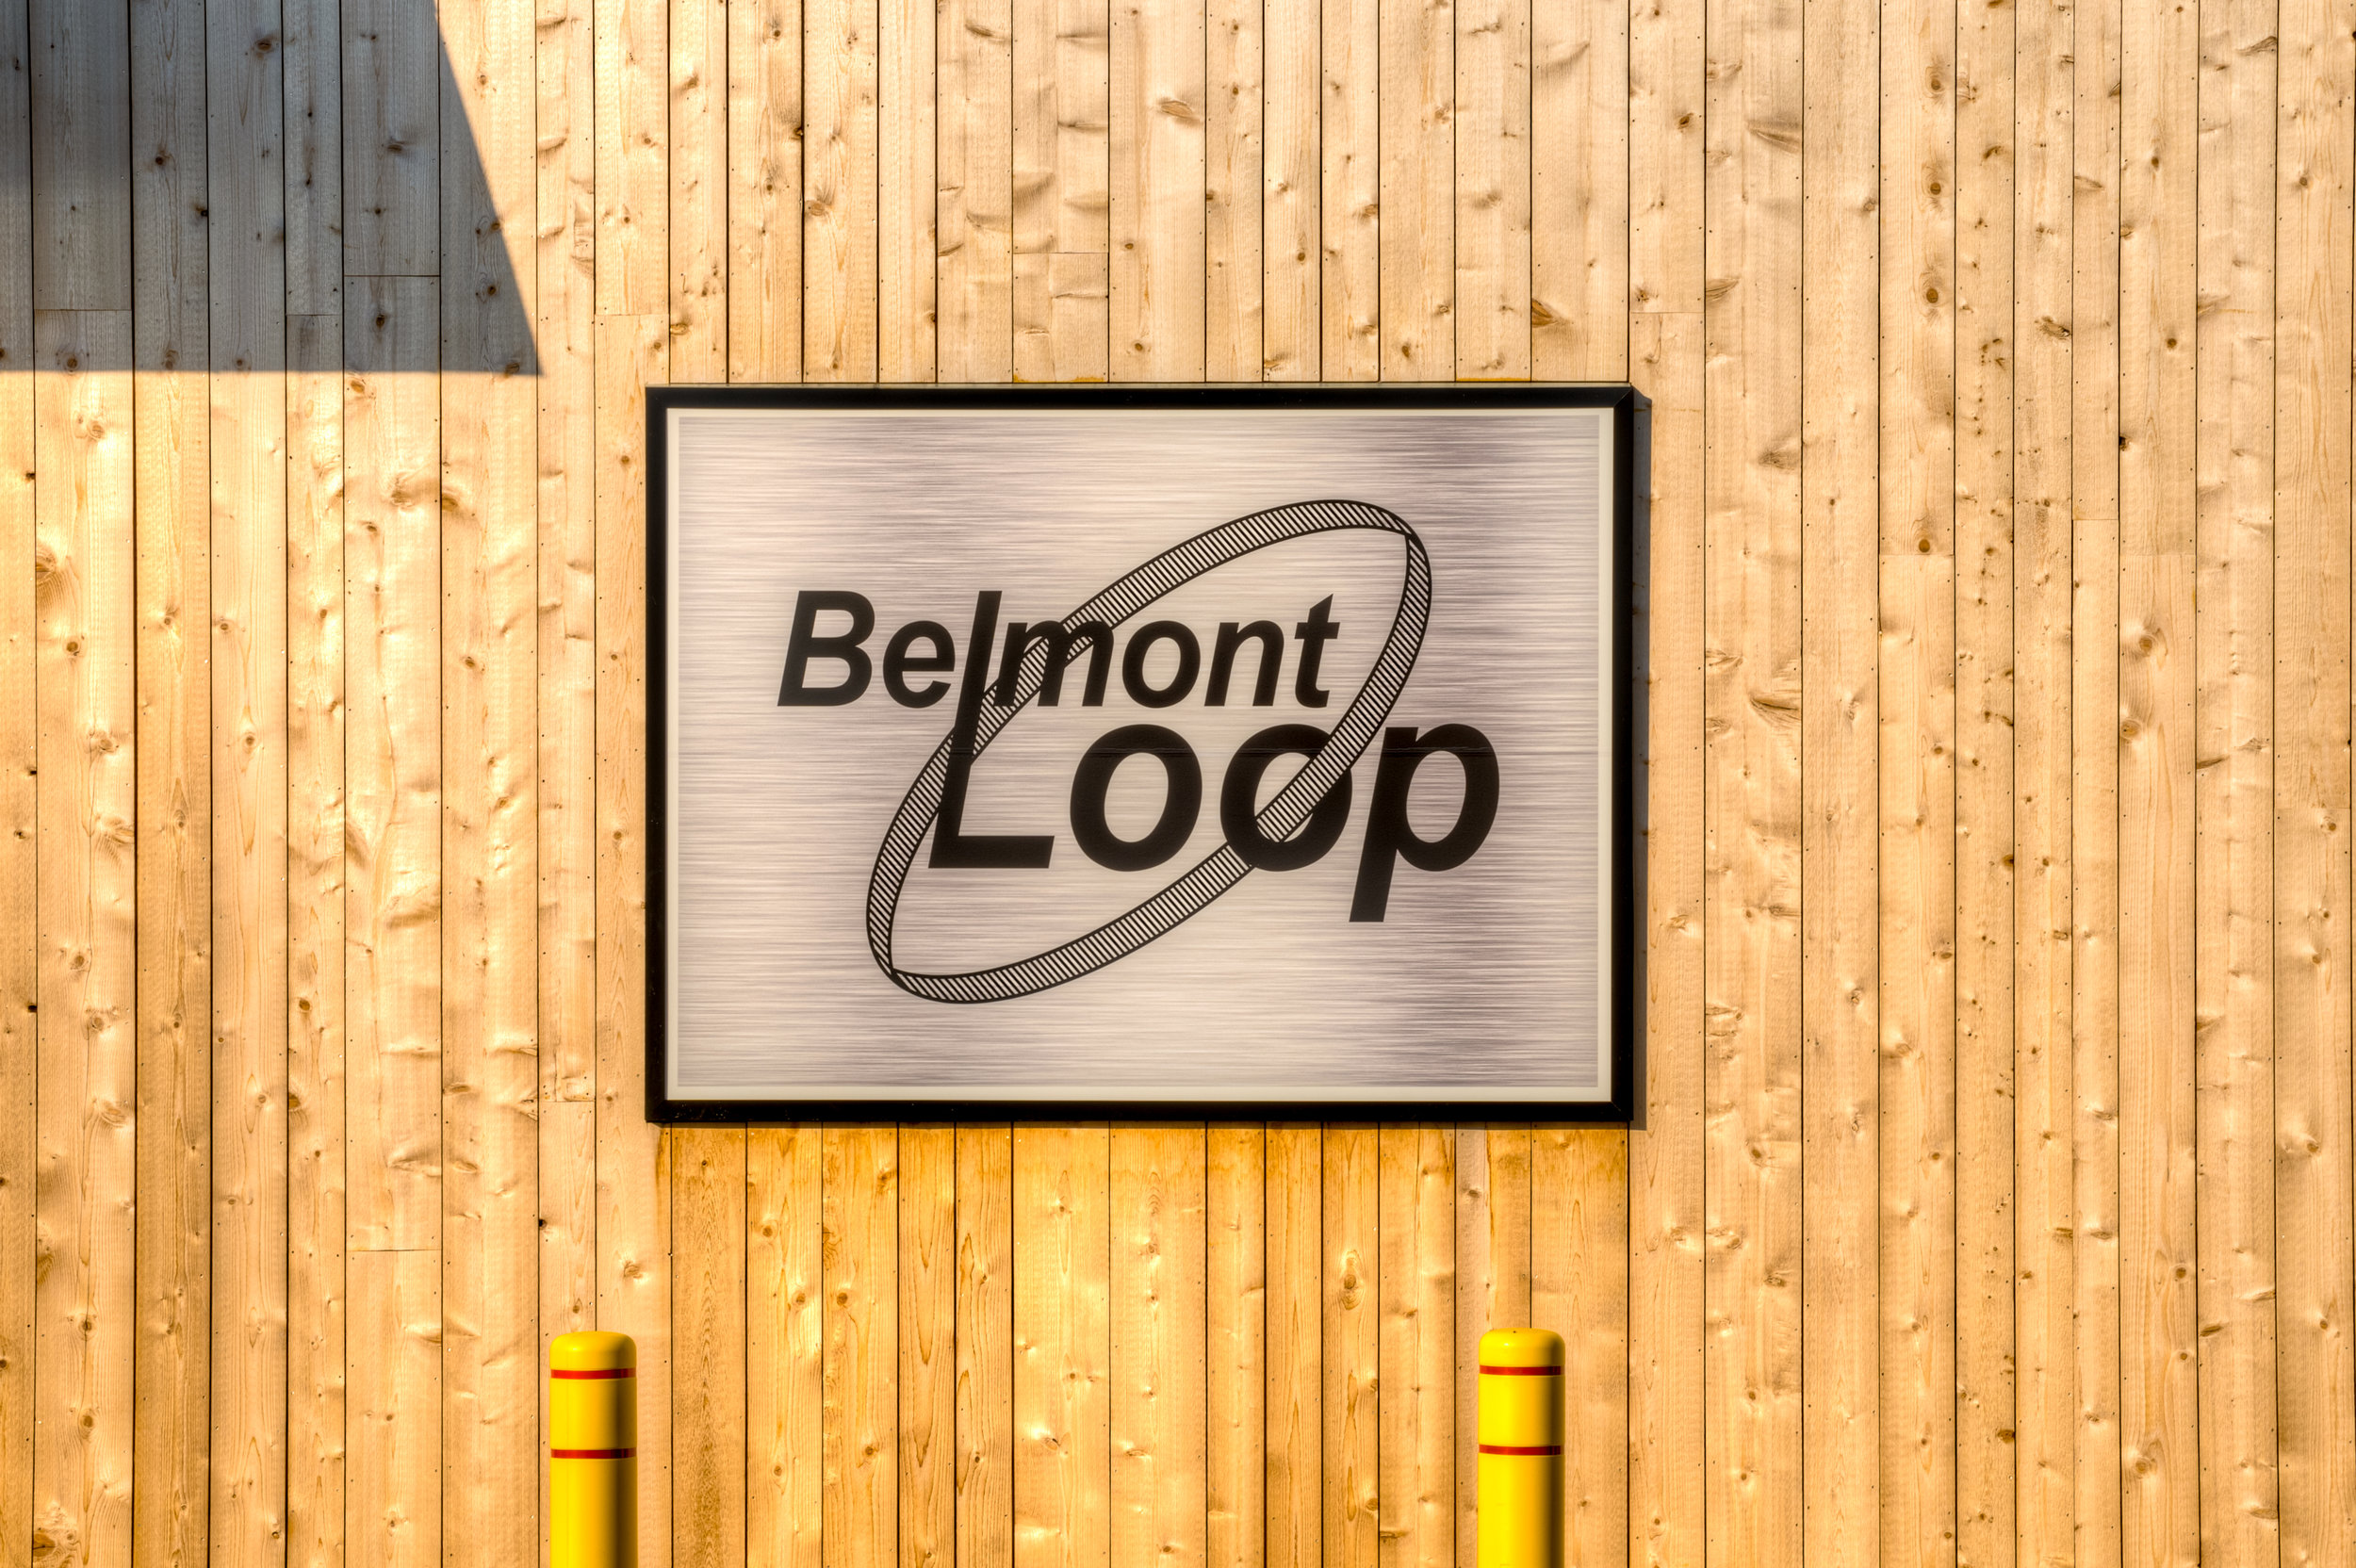 Brittell-BelmontLoop-029-BrokenBanjo.jpg